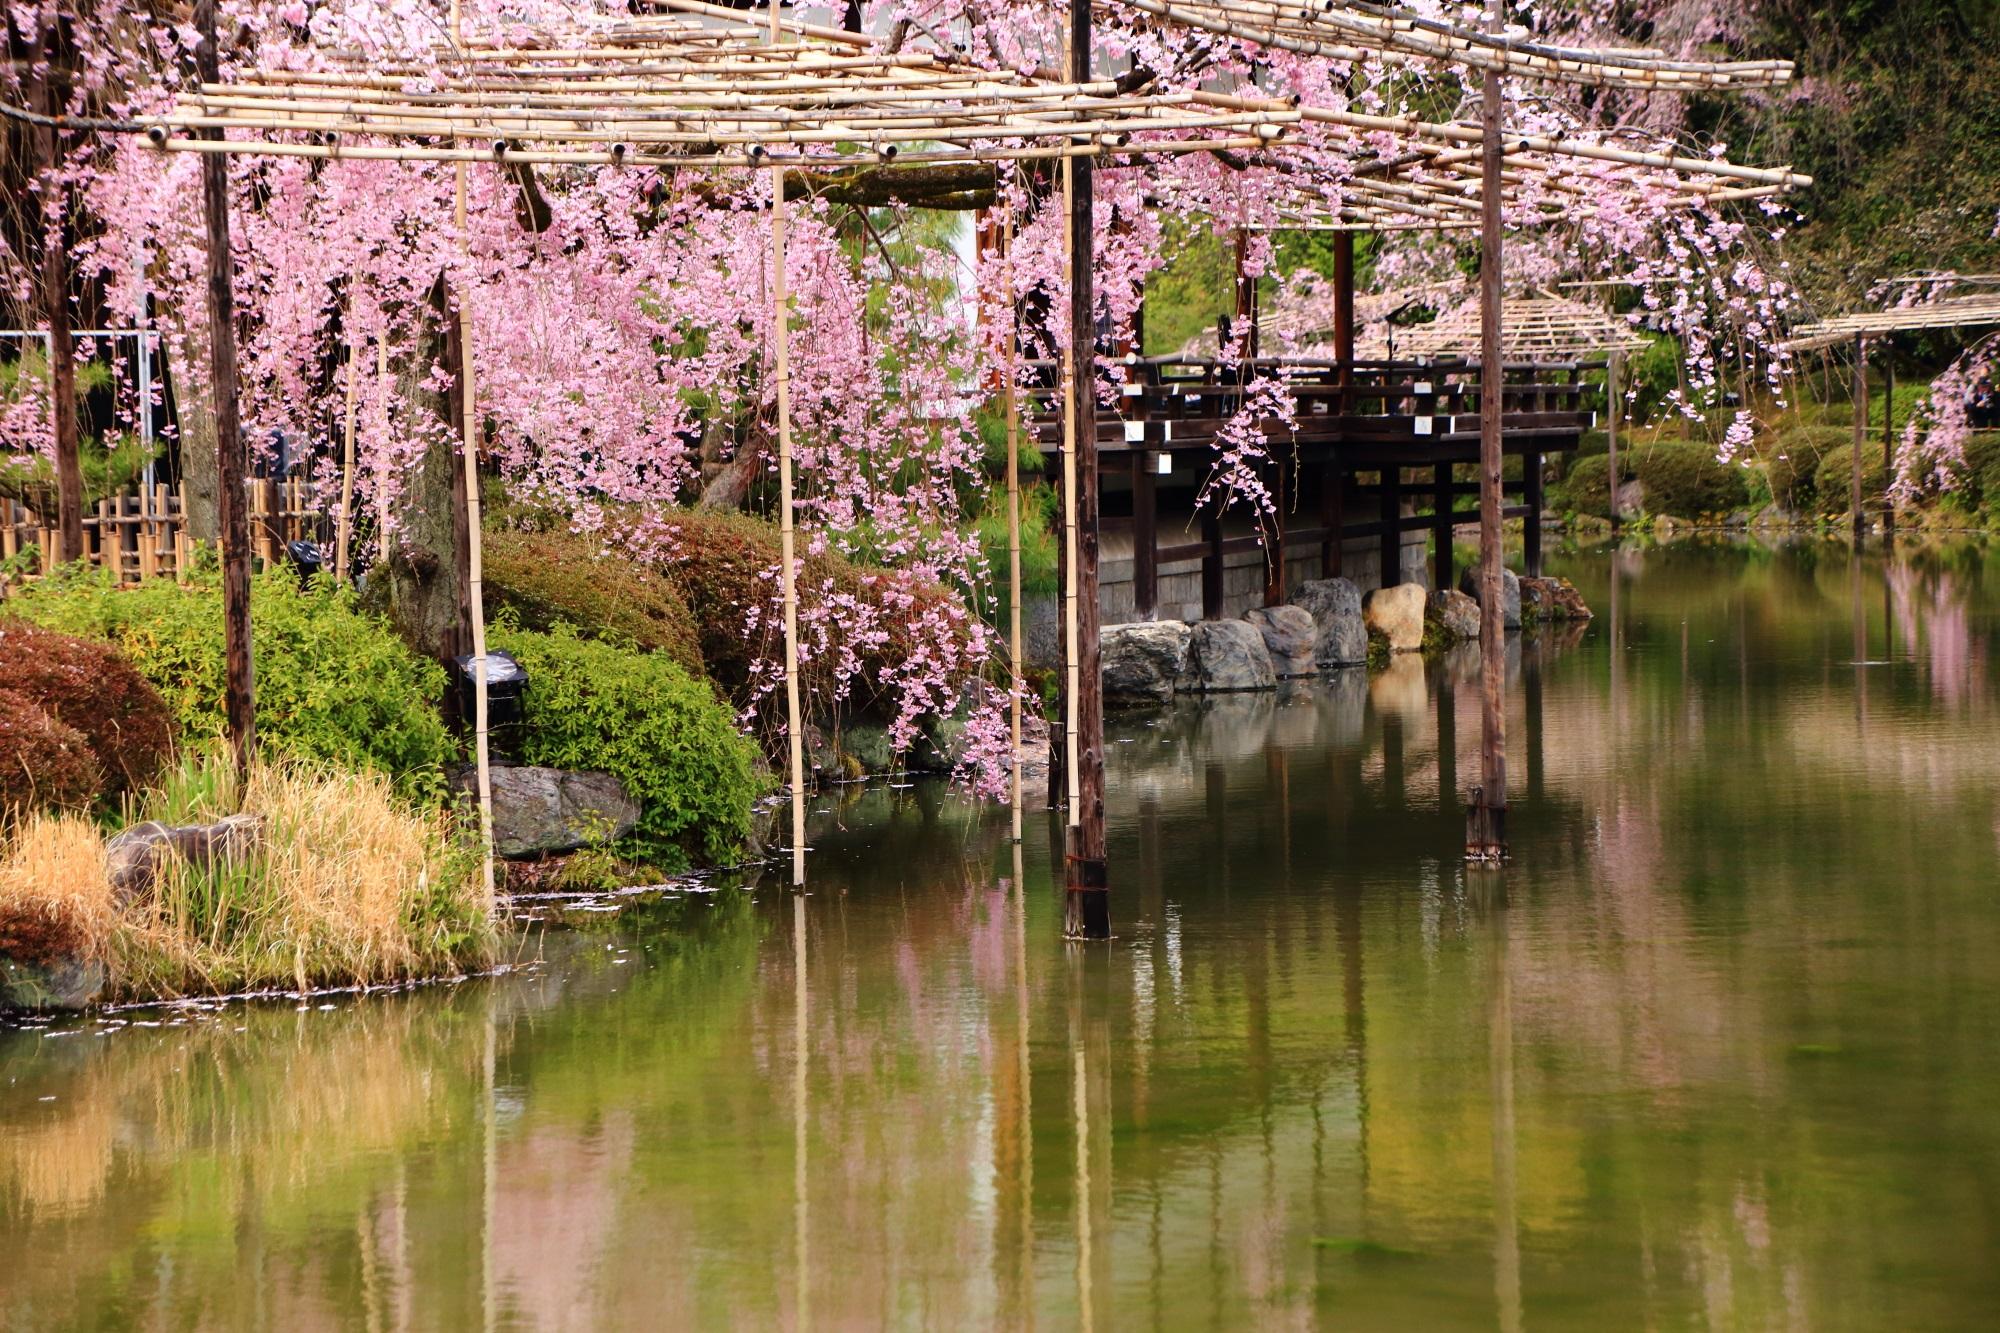 素晴らしい平安神宮神苑の桜や春の水辺の情景